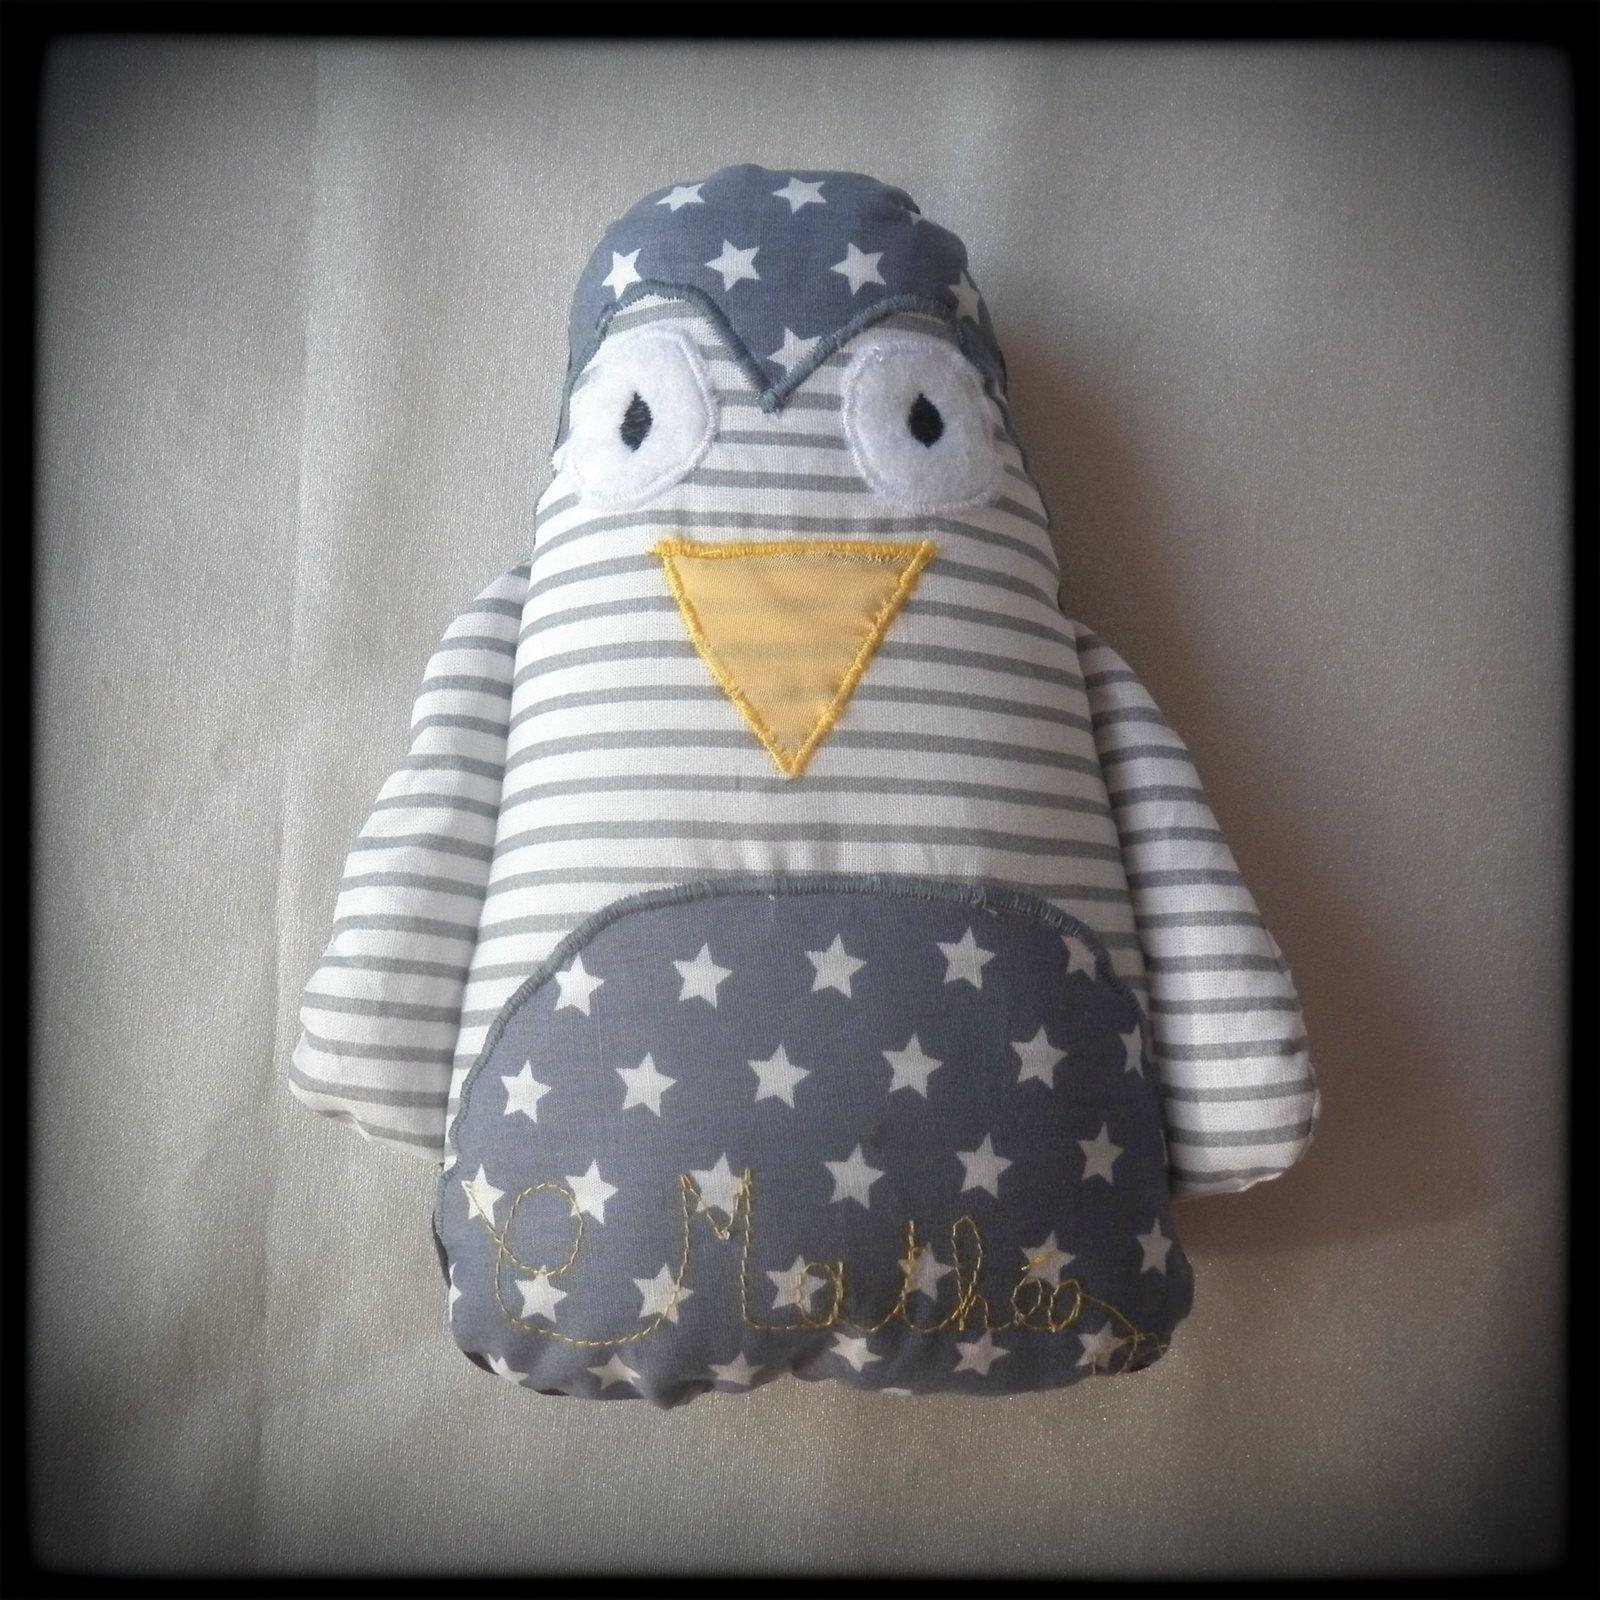 Le doudou pingouin de Mathéo